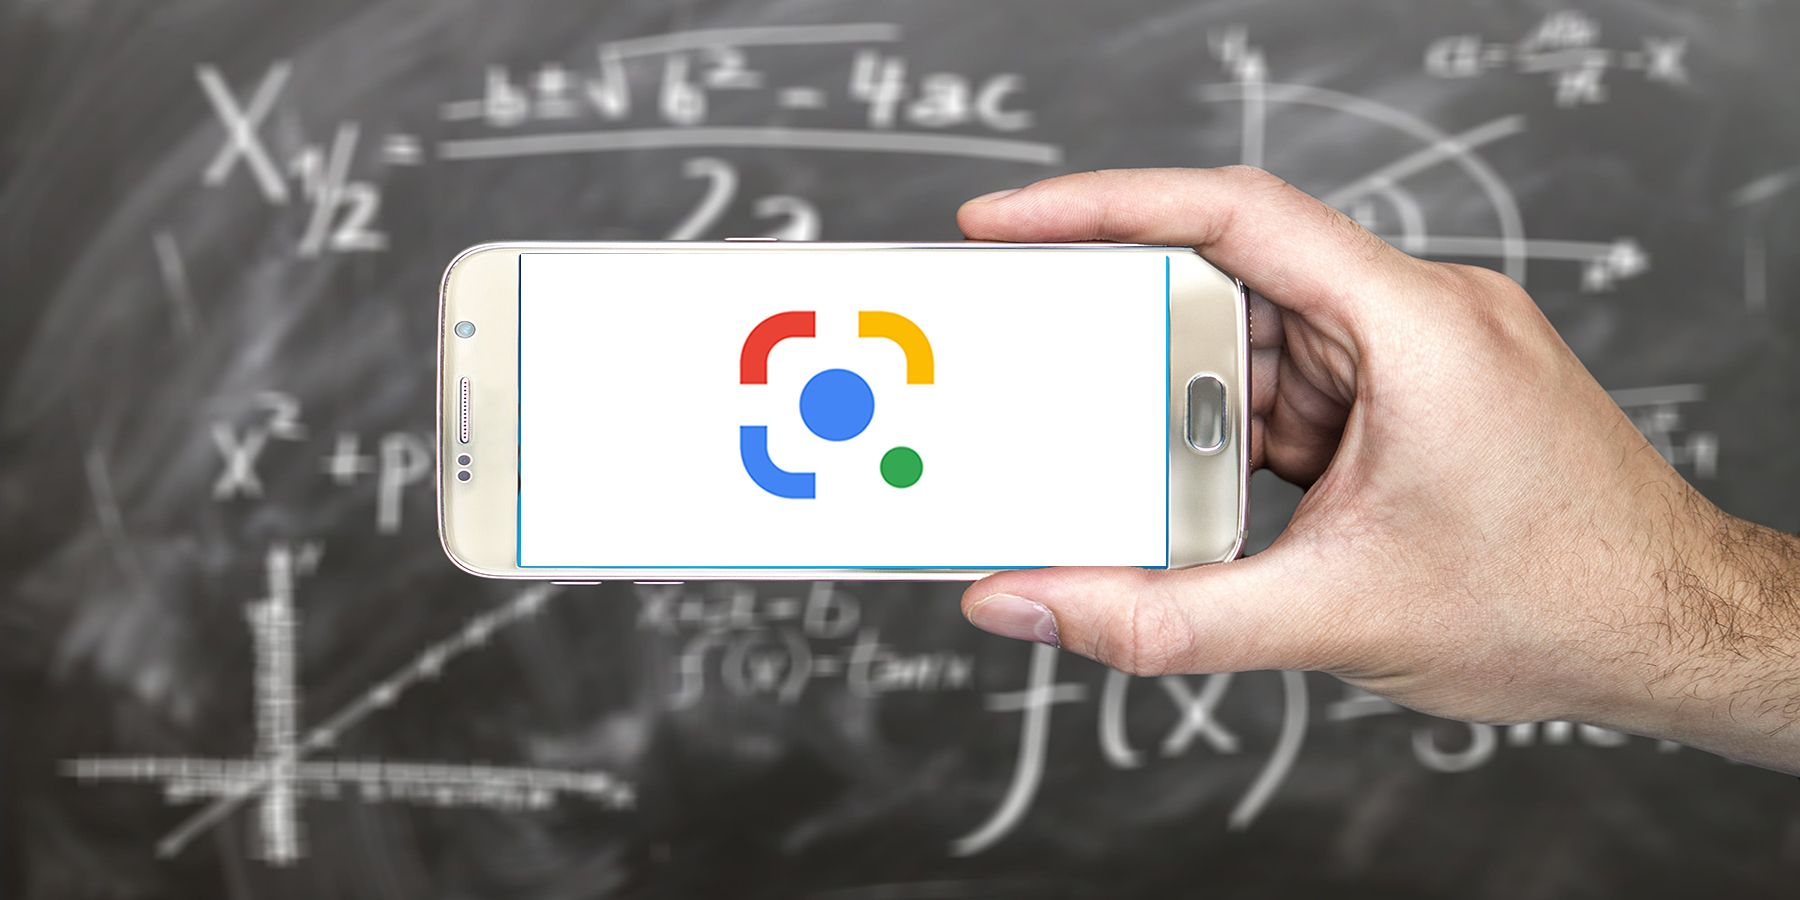 گوگل لنز به قابلیتهای جدیدی برای آموزش، جستجو و خرید مجهز شد